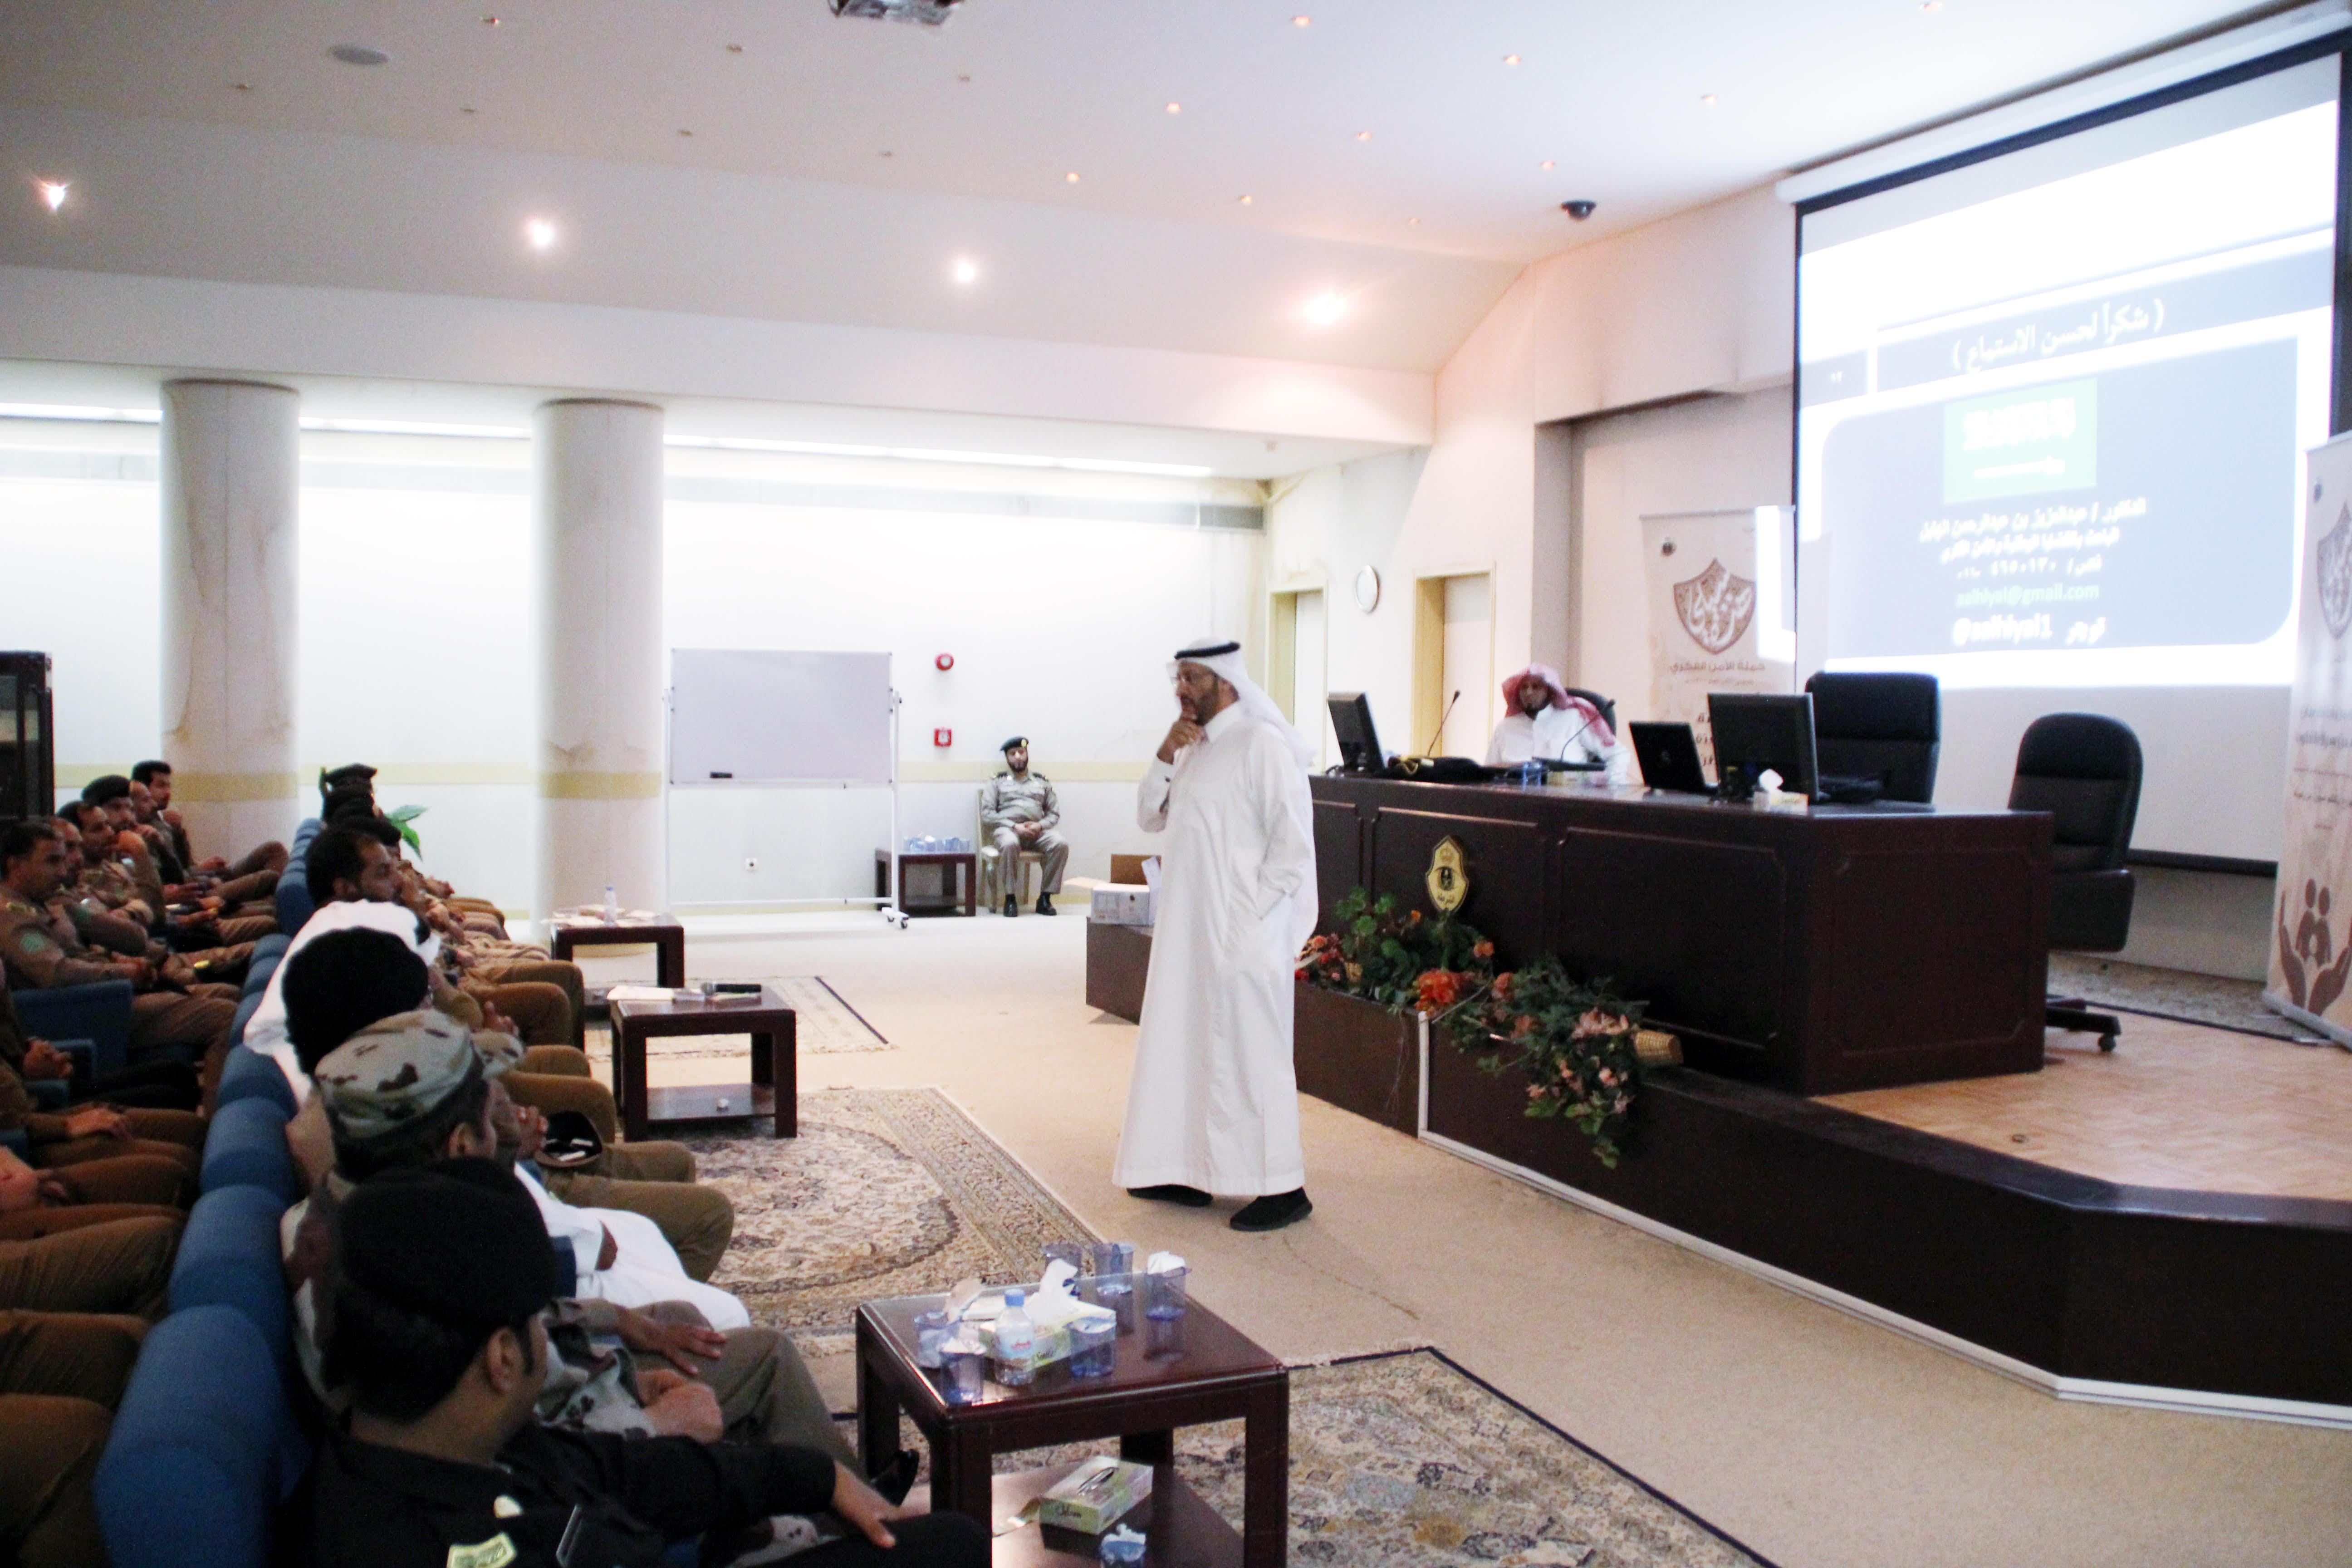 شرطة الرياض تواجه الانحراف الفكري (1)